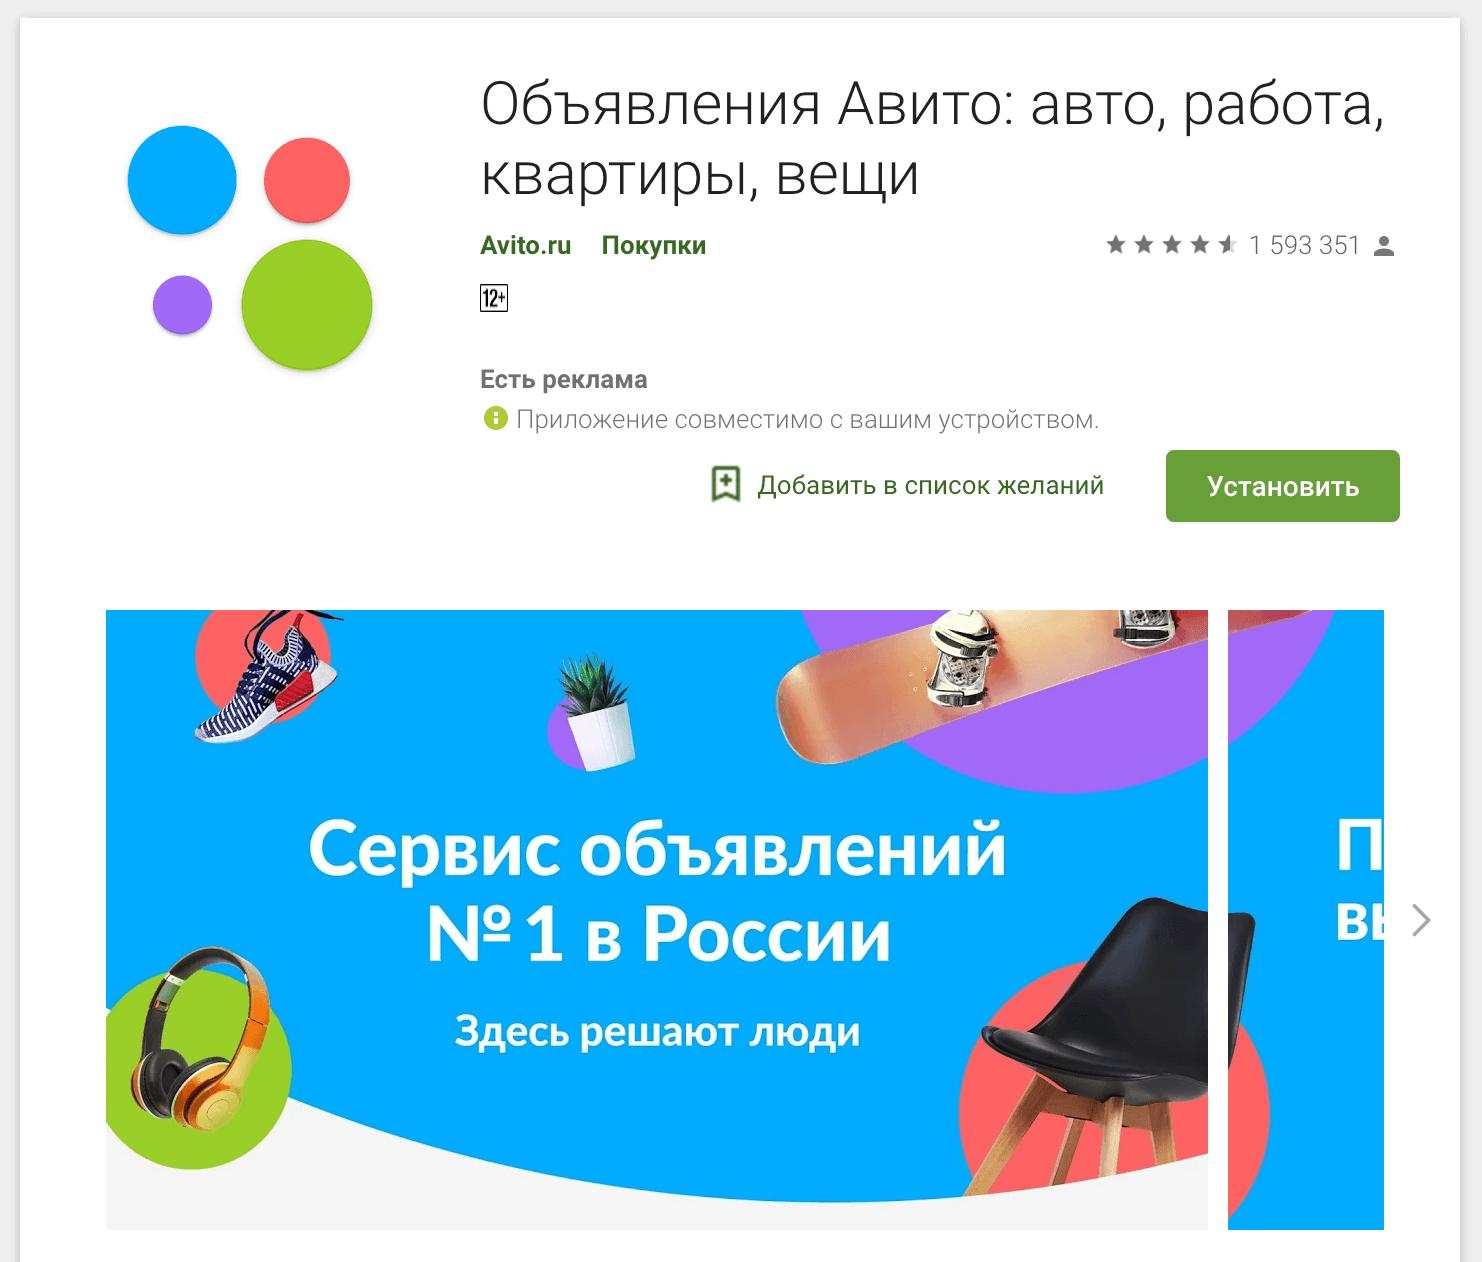 Мобильное приложение Авито